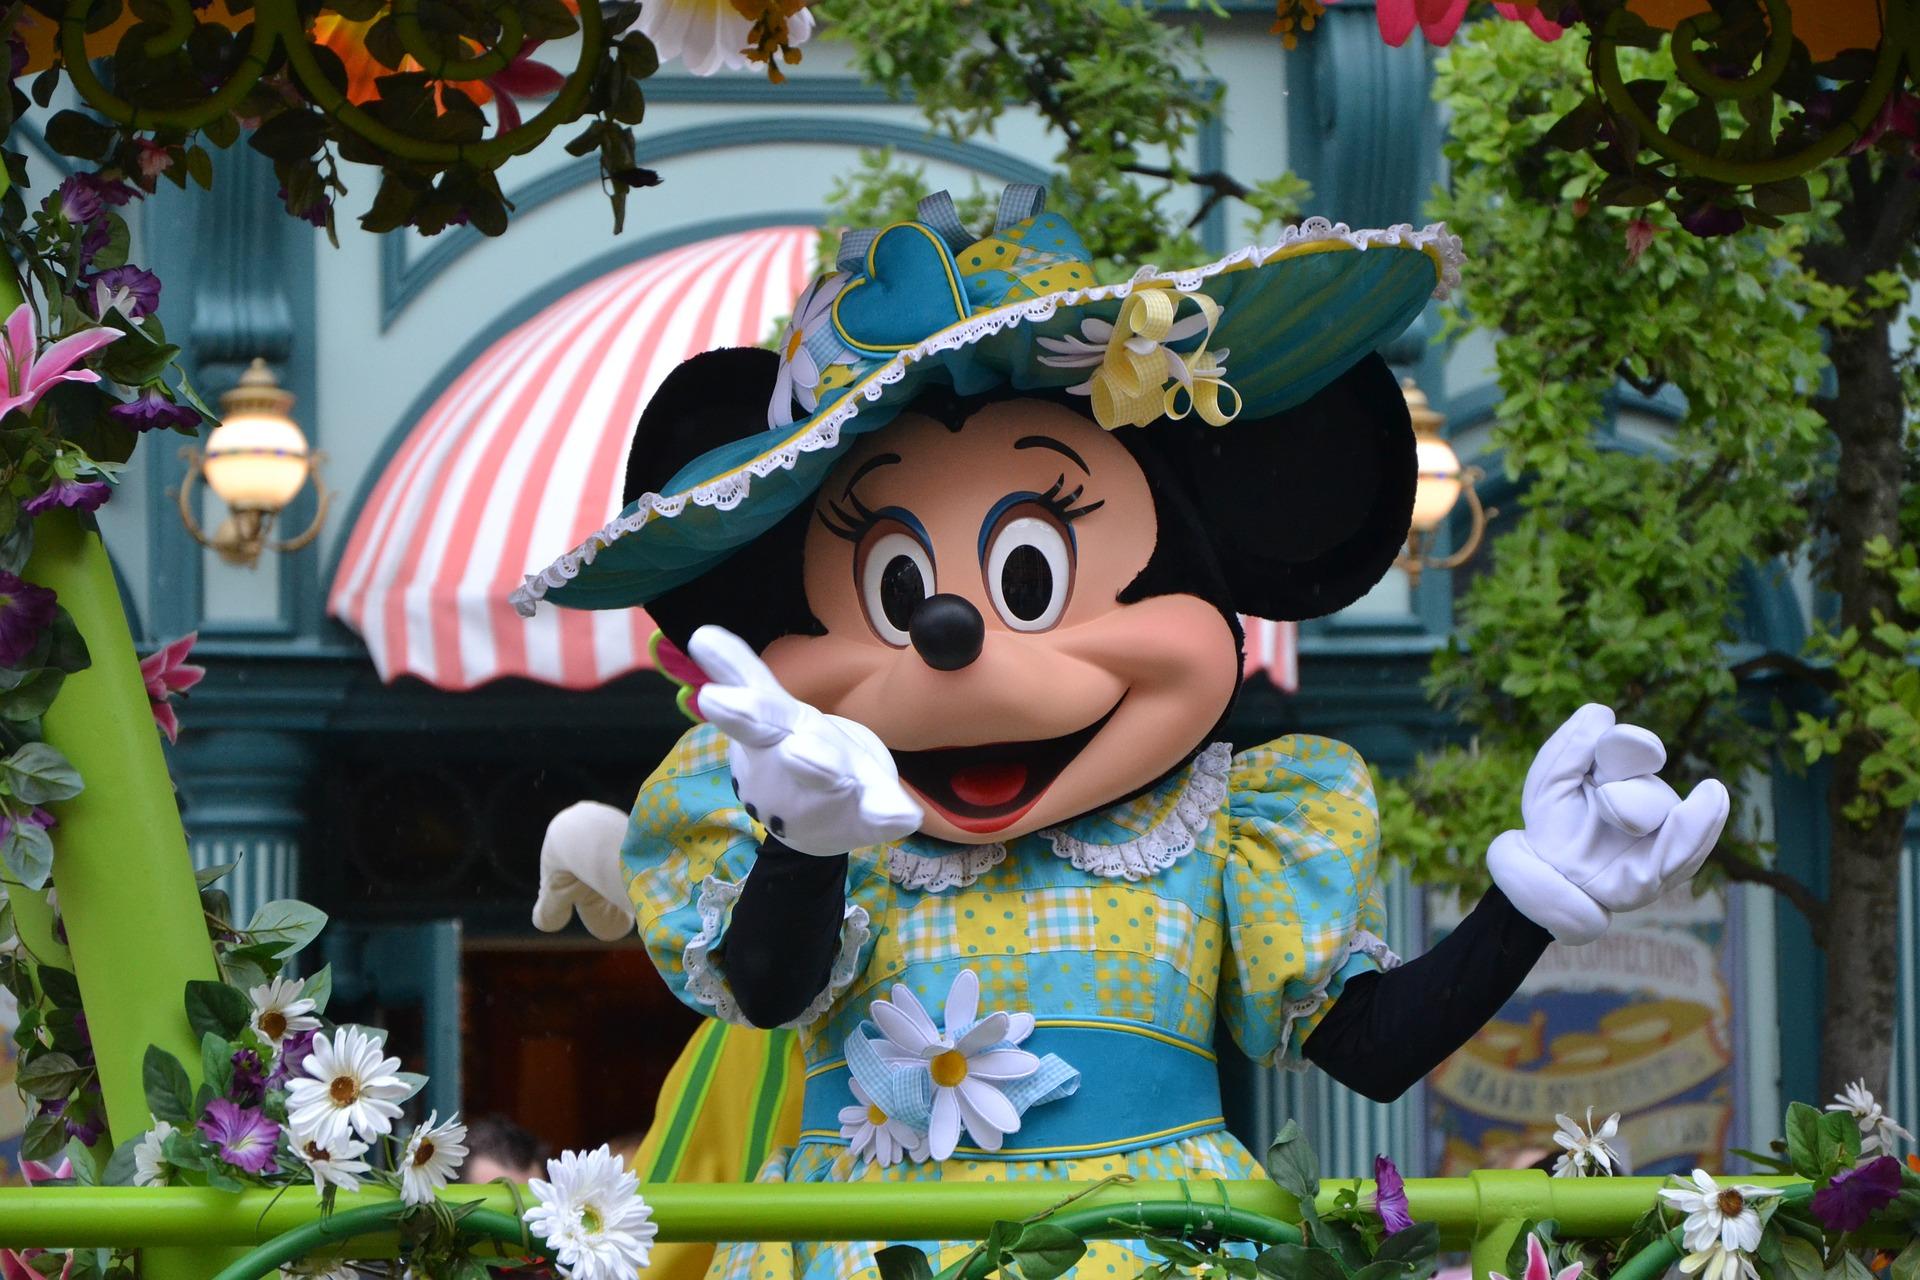 Minnie-Mouse-Main-Attraction-collezione-Disney-2020